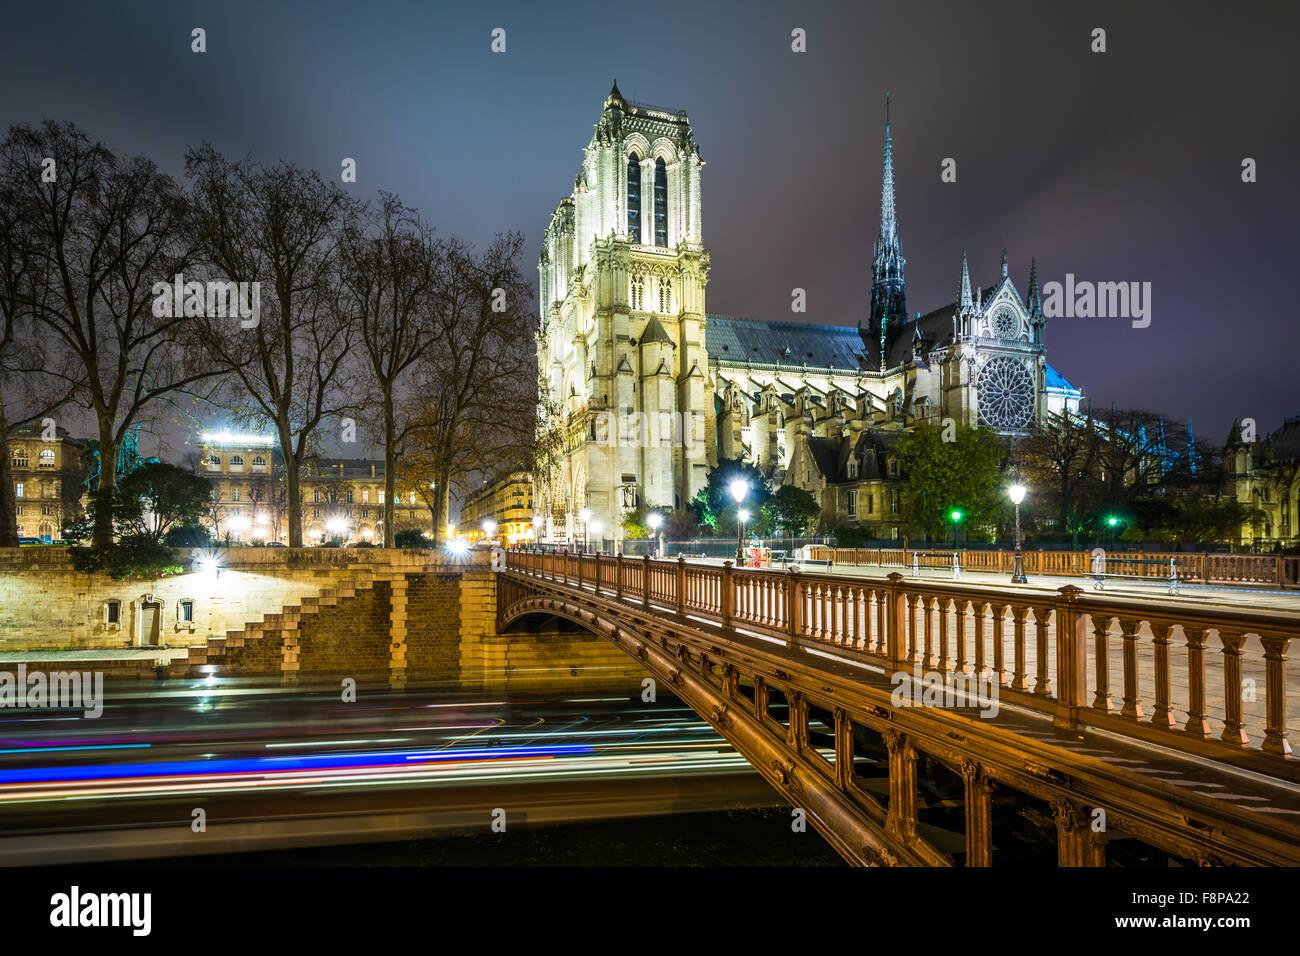 The Cathédrale Notre-Dame de Paris and Pont au Double at night, in Paris, France. - Stock Image